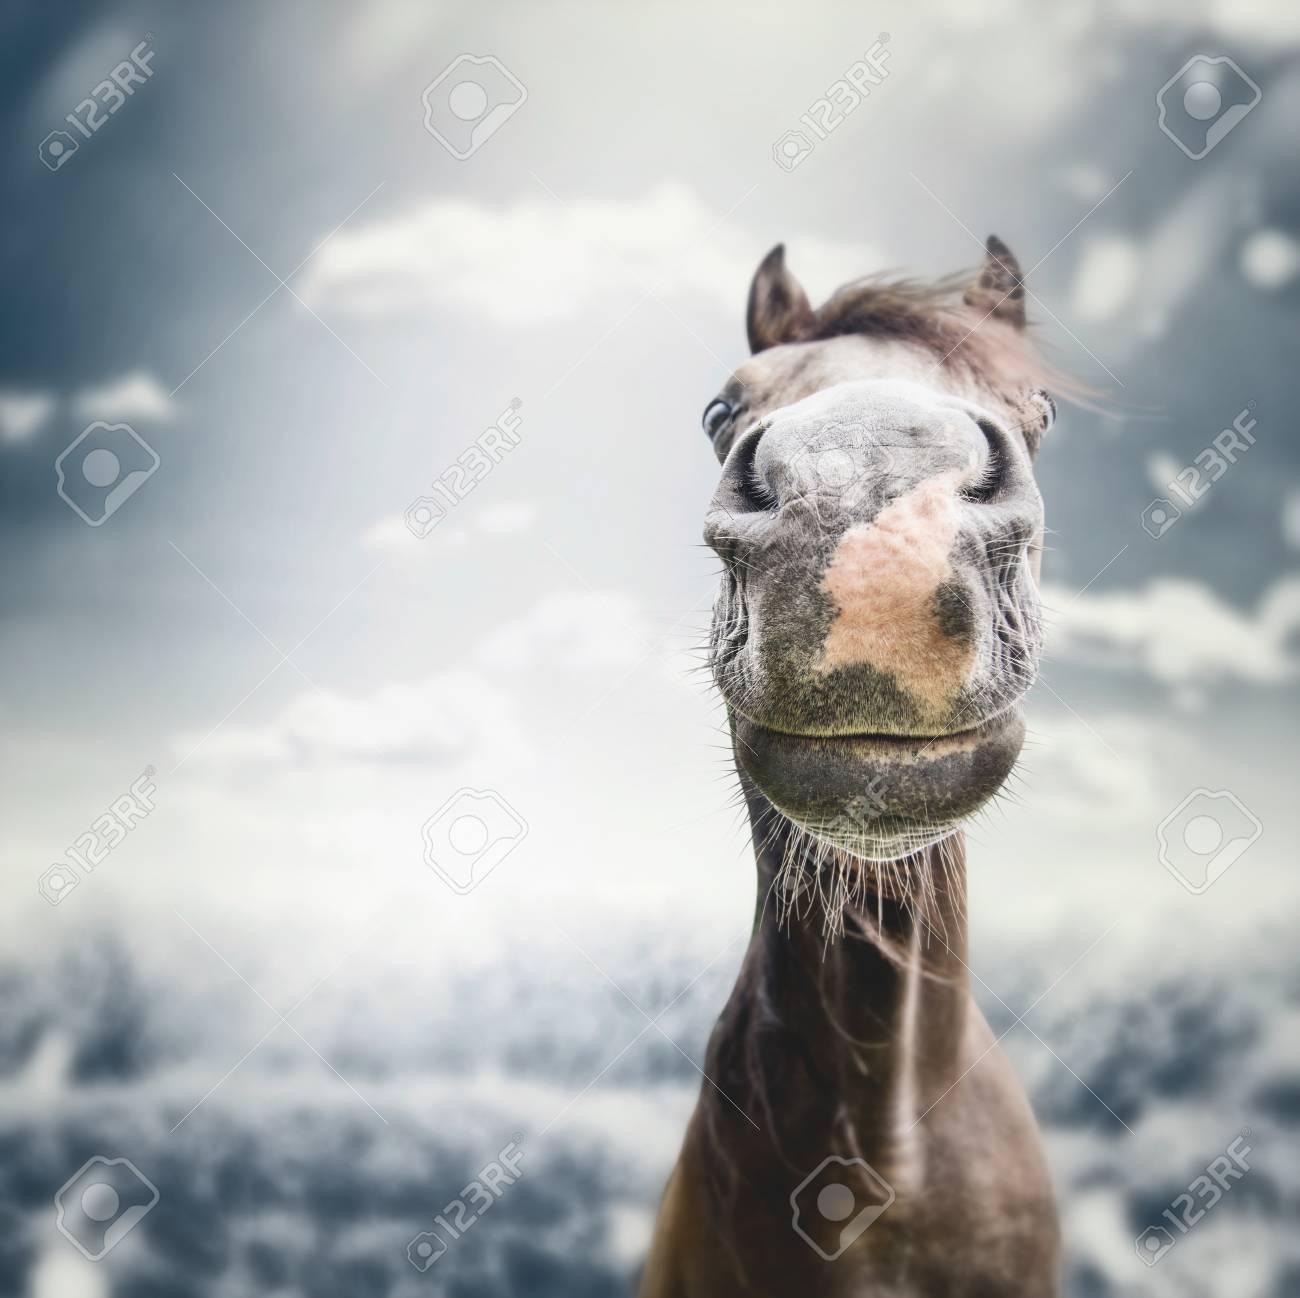 Muffa Divertente Del Fronte Del Cavallo Con Il Naso Alla Priorità